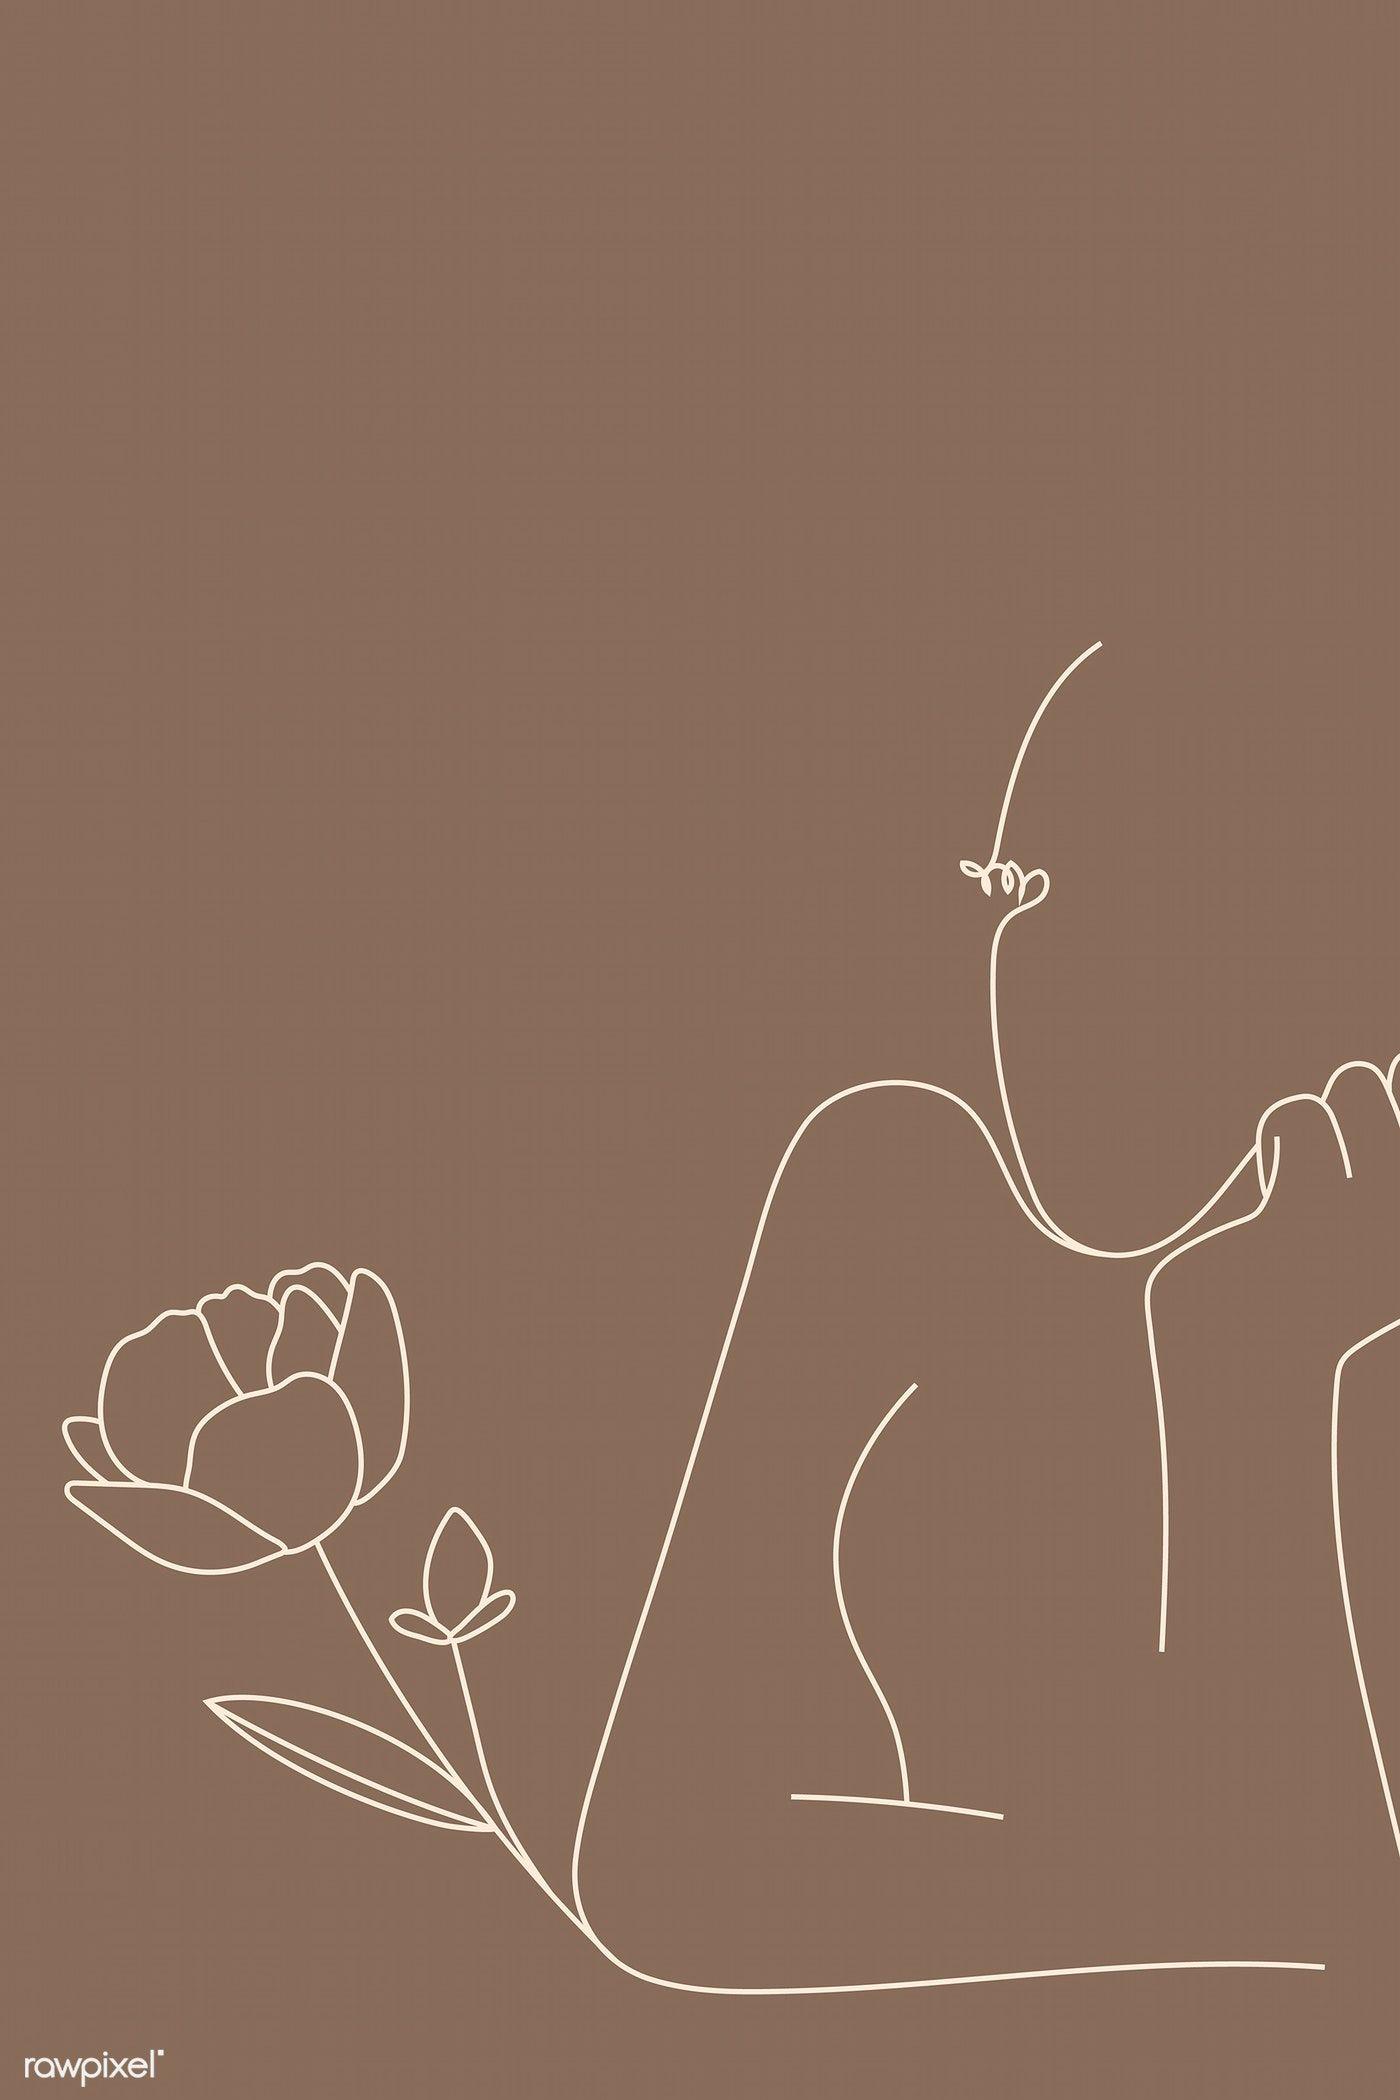 Download premium vector of Feminine line art vector 2044522